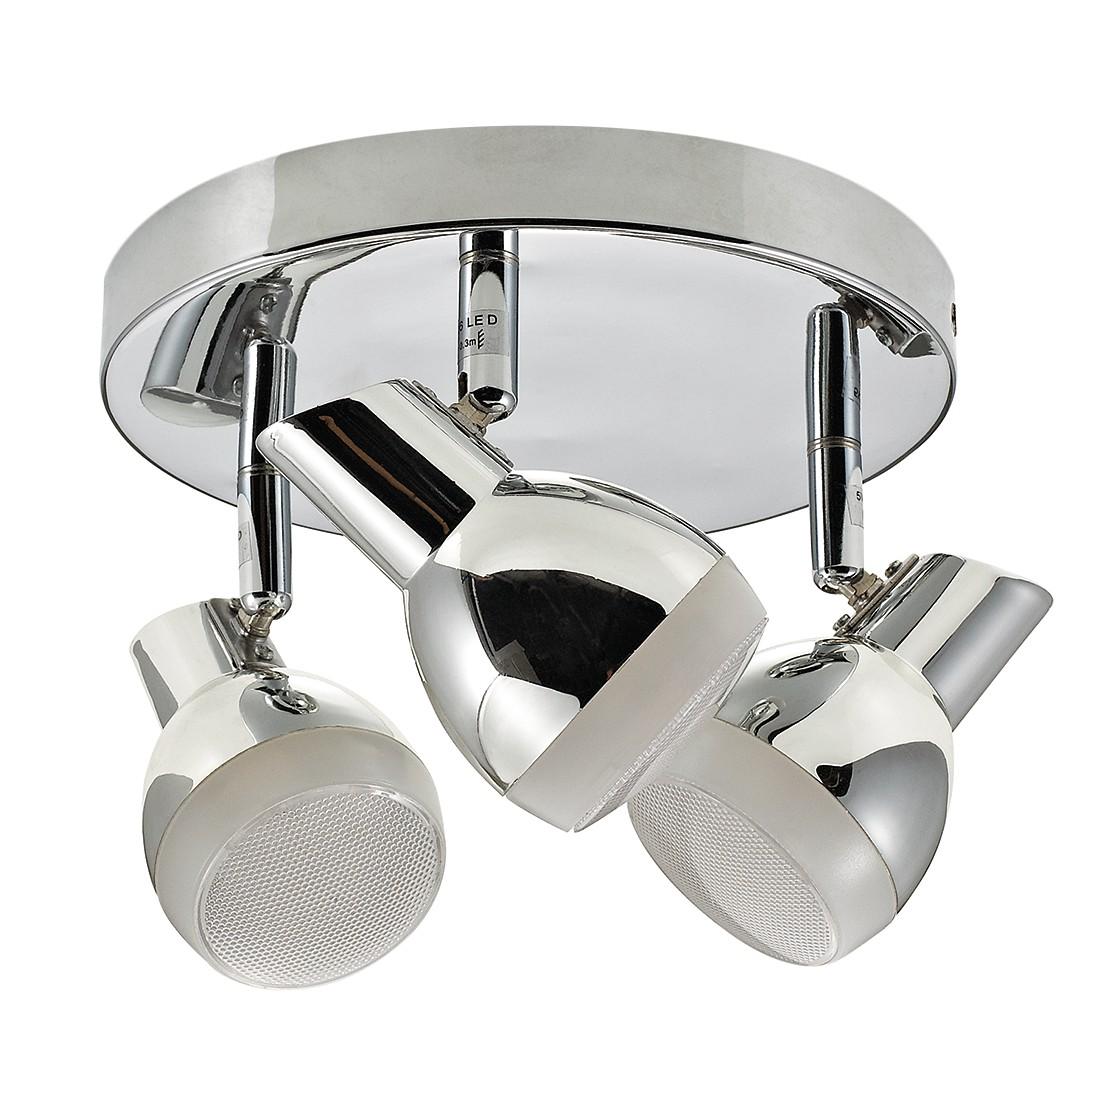 energie A+, Plafondlamp NANTES zilverkleurig metaal 3 lichtbronnen, Action